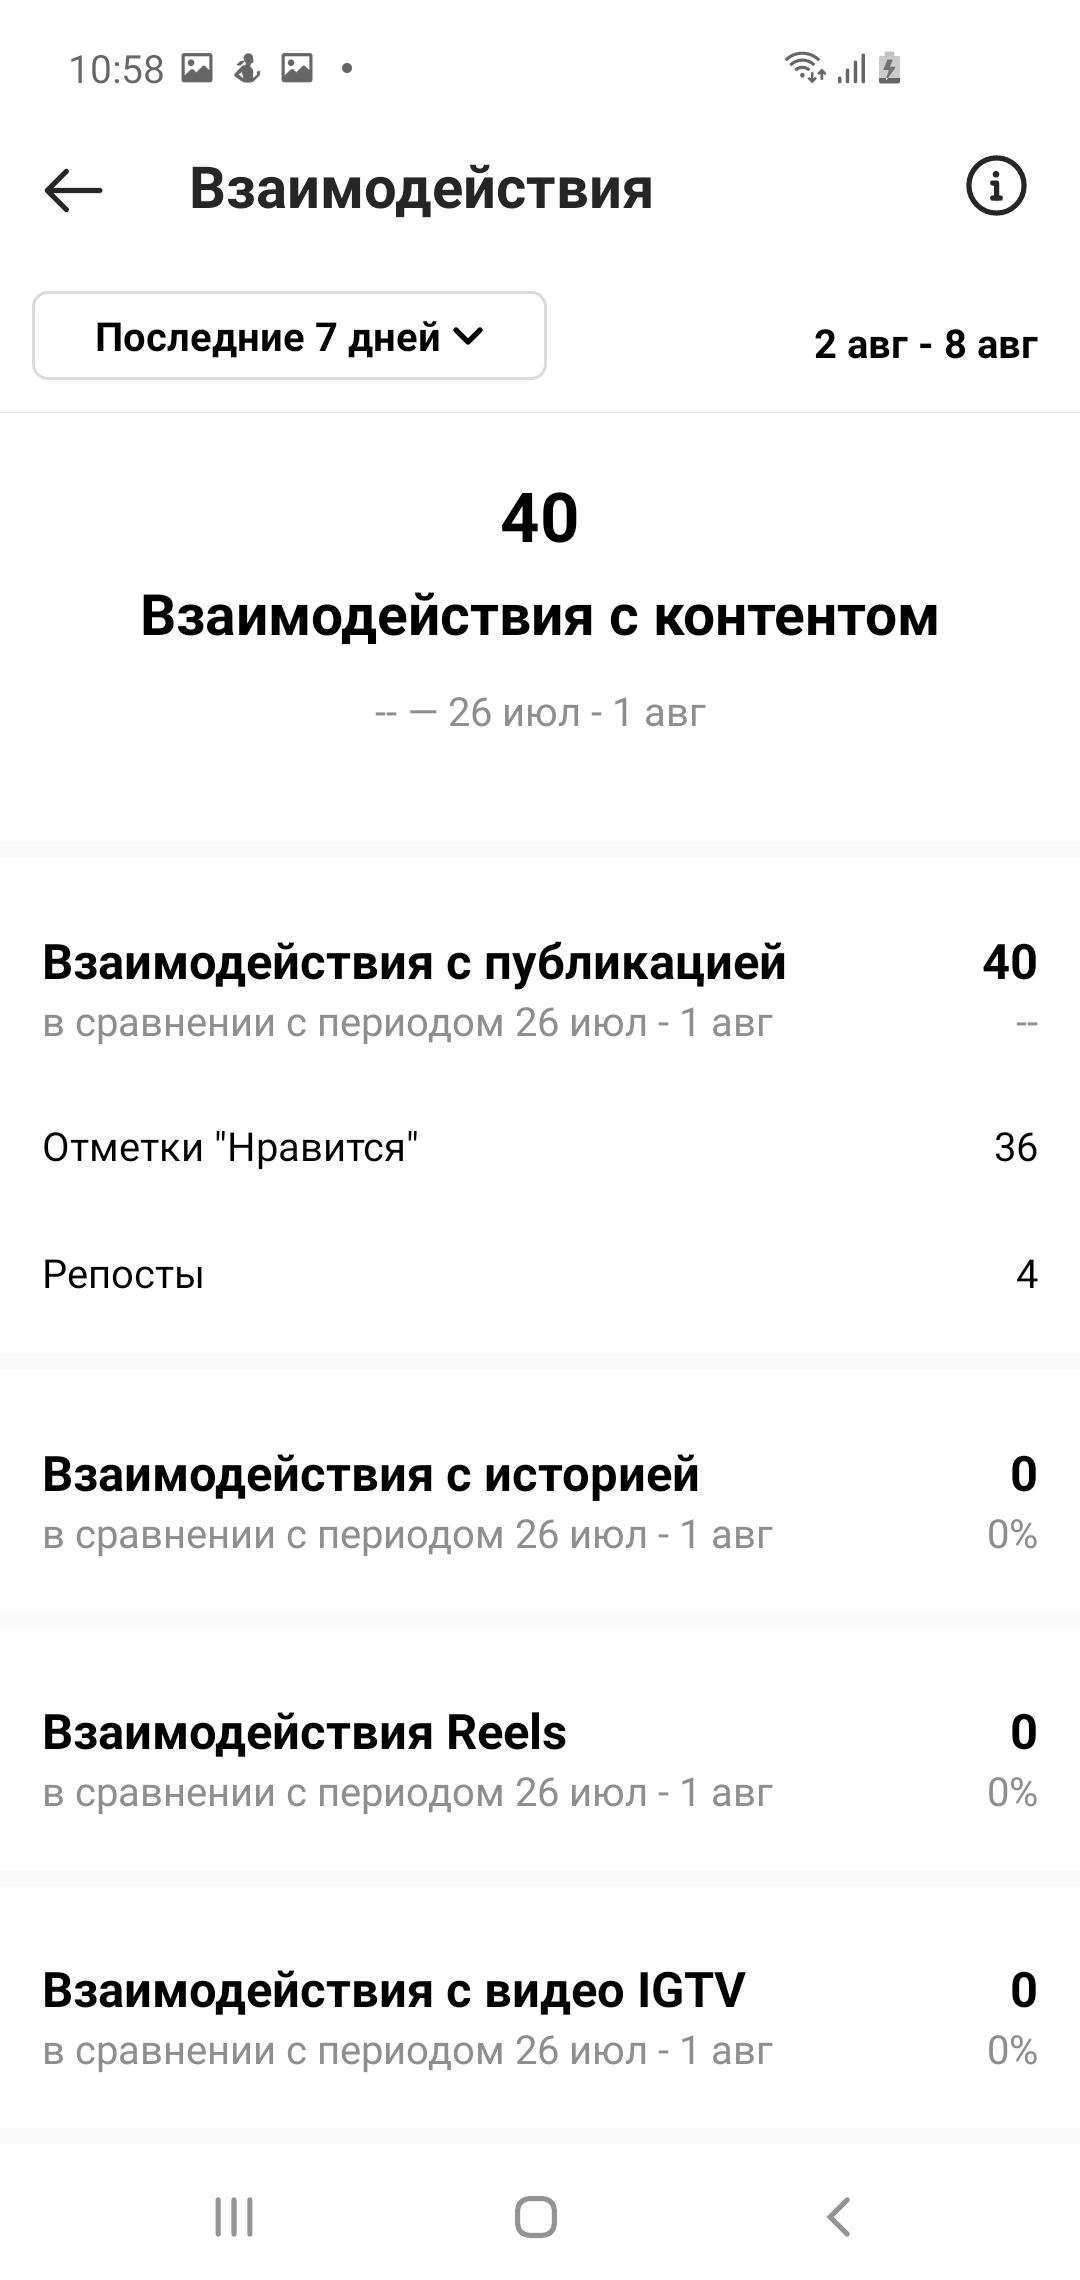 В разделе «Статистика» также отображаются действия аудитории